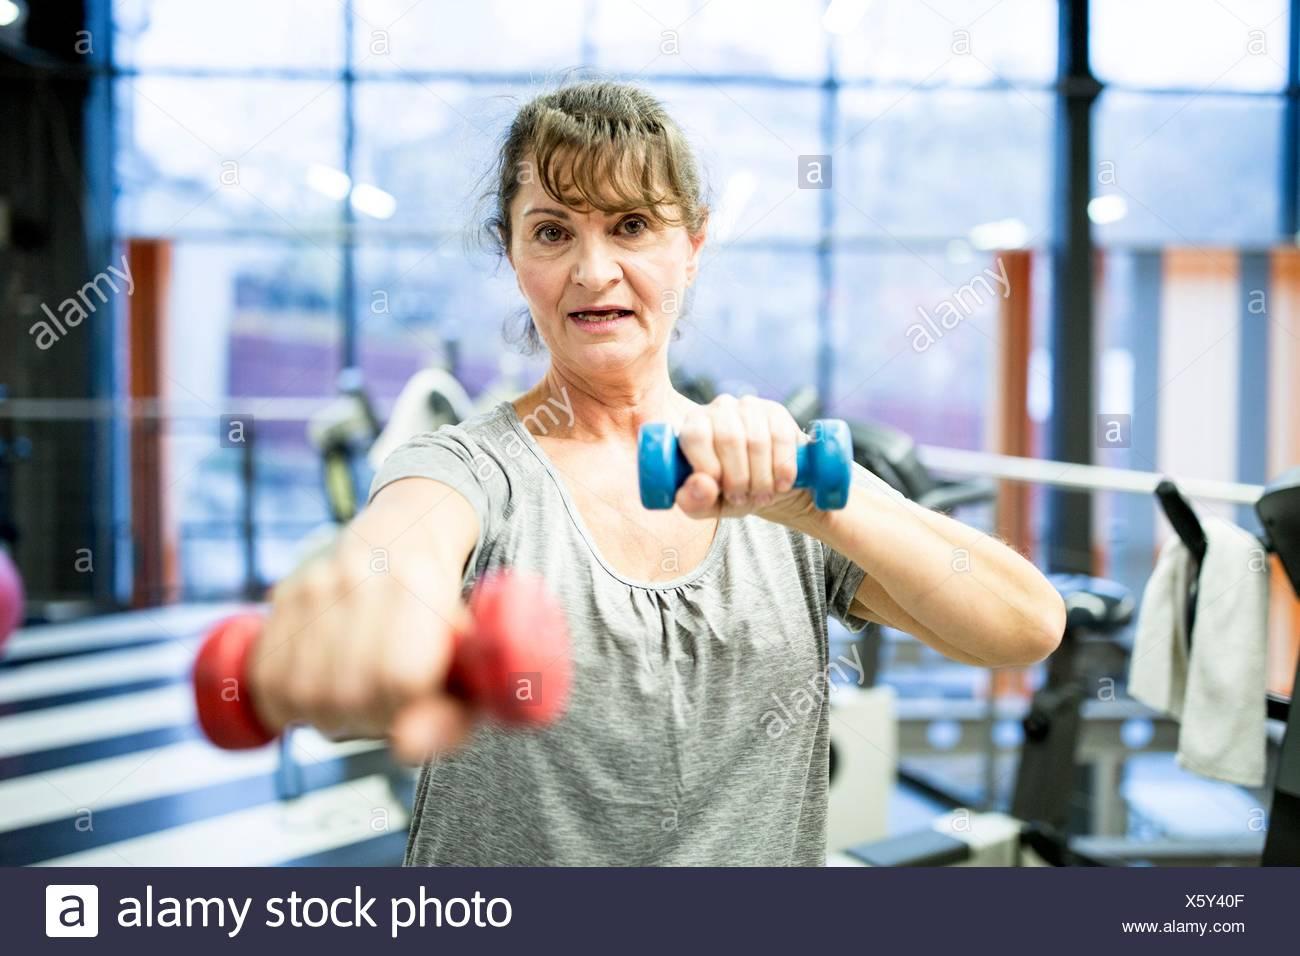 Liberados de la propiedad. Modelo liberado. Retrato mujer sosteniendo senior pesa en el gimnasio. Imagen De Stock